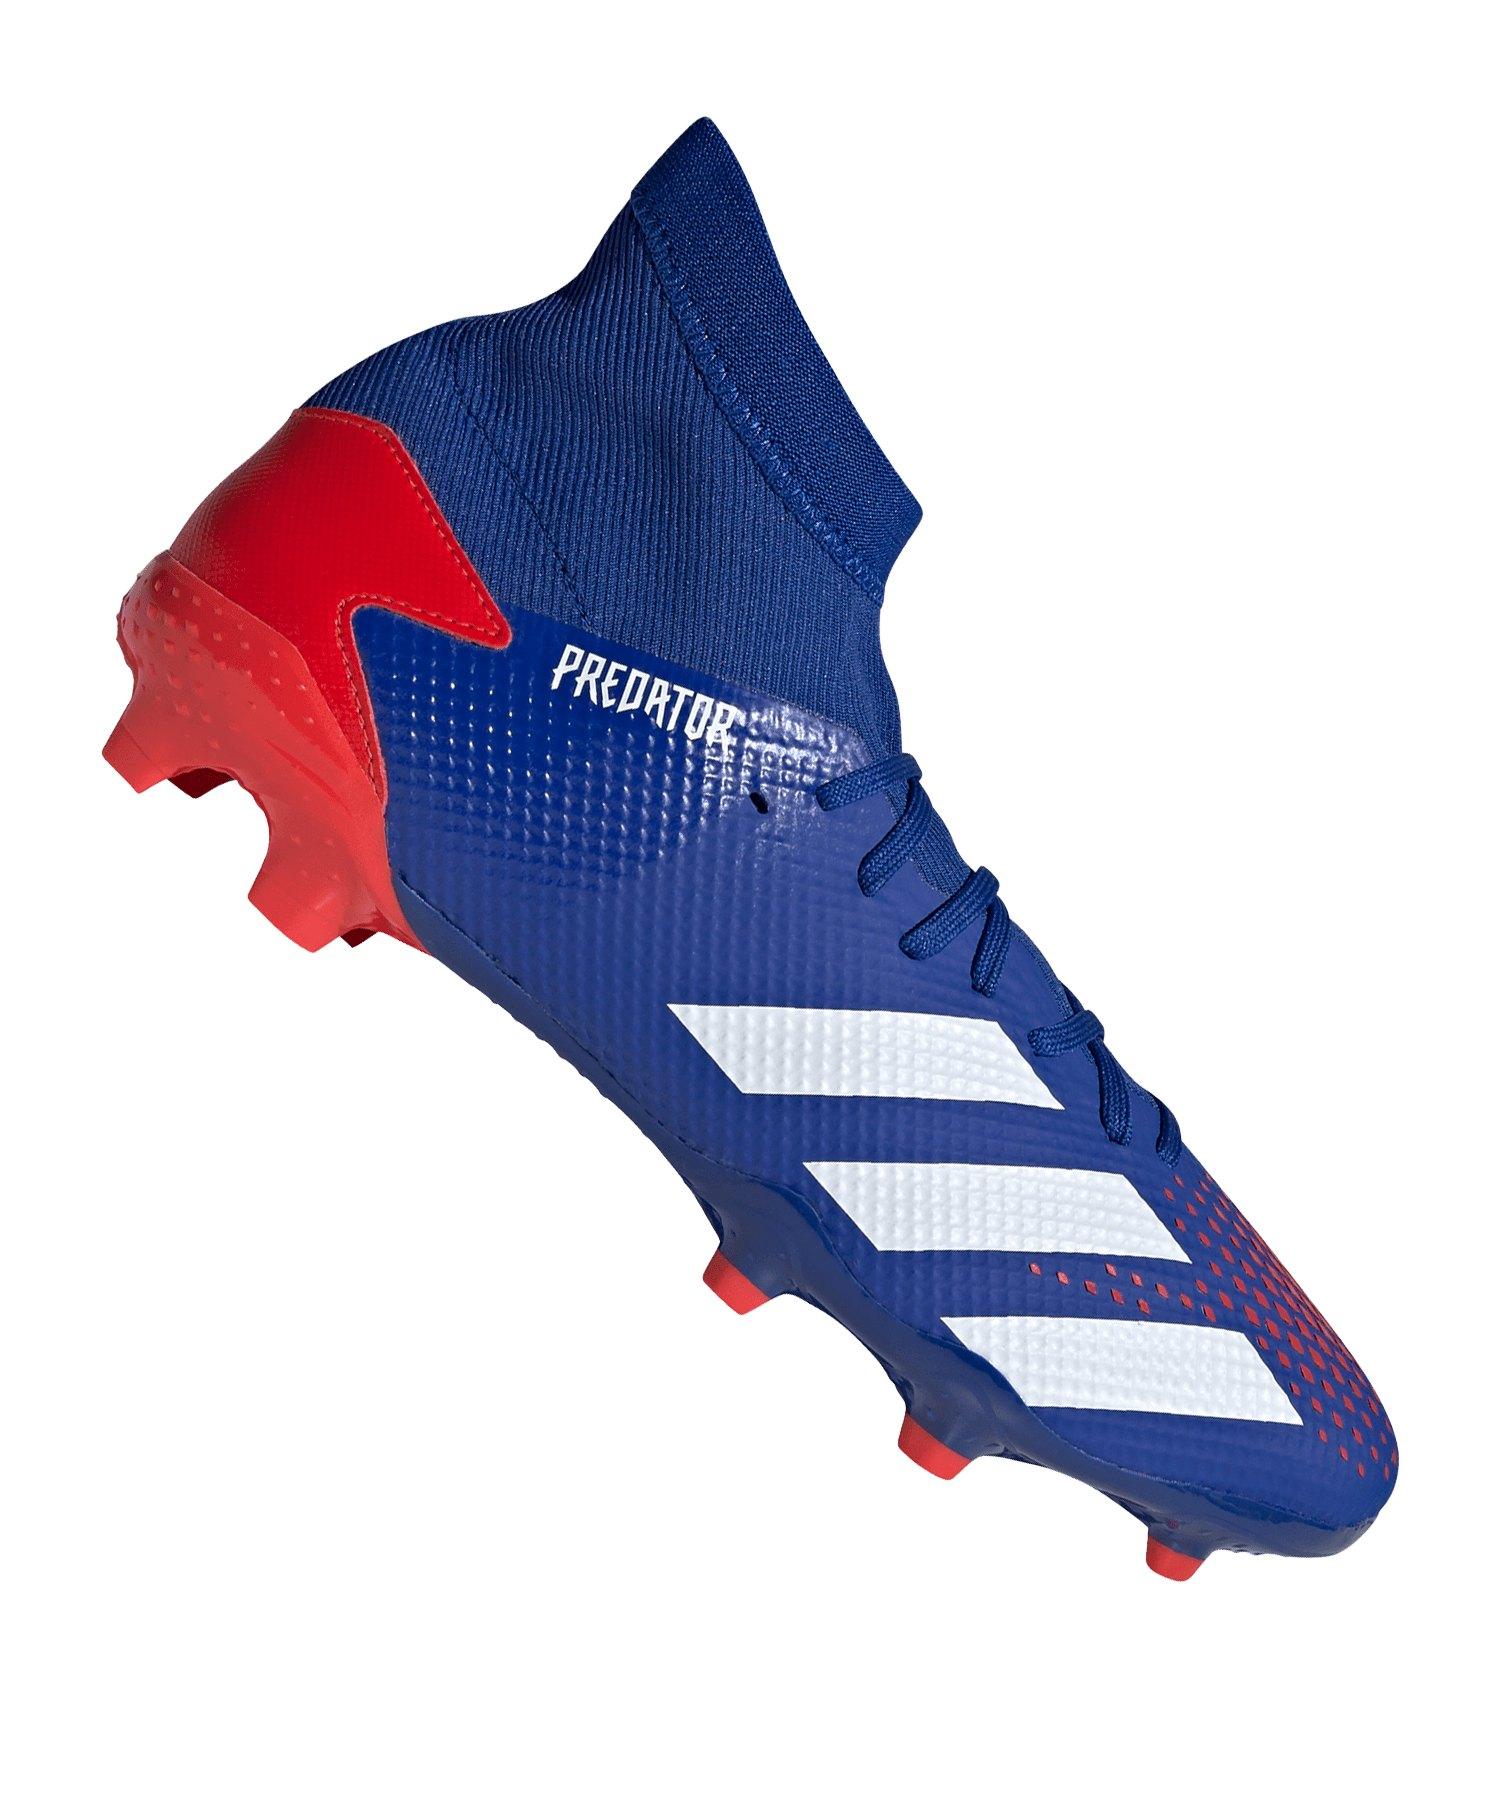 adidas Predator 20.3 FG Blau Rot - blau